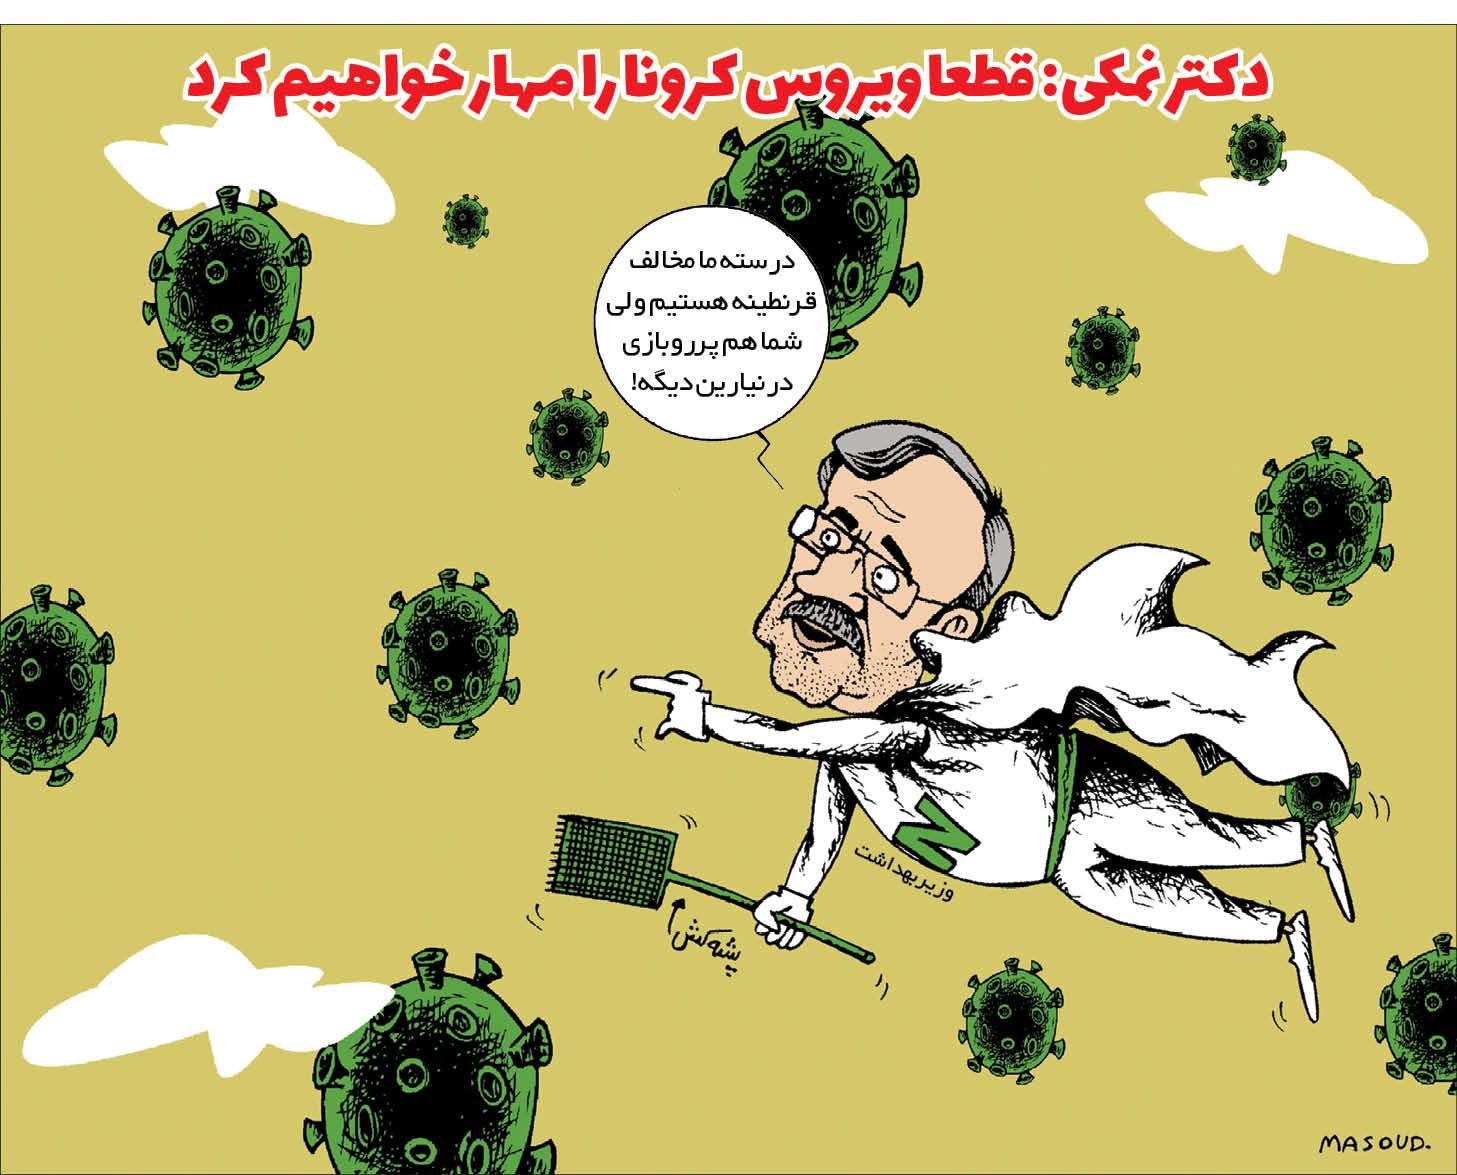 کارتونیست:مسعود ماهینی